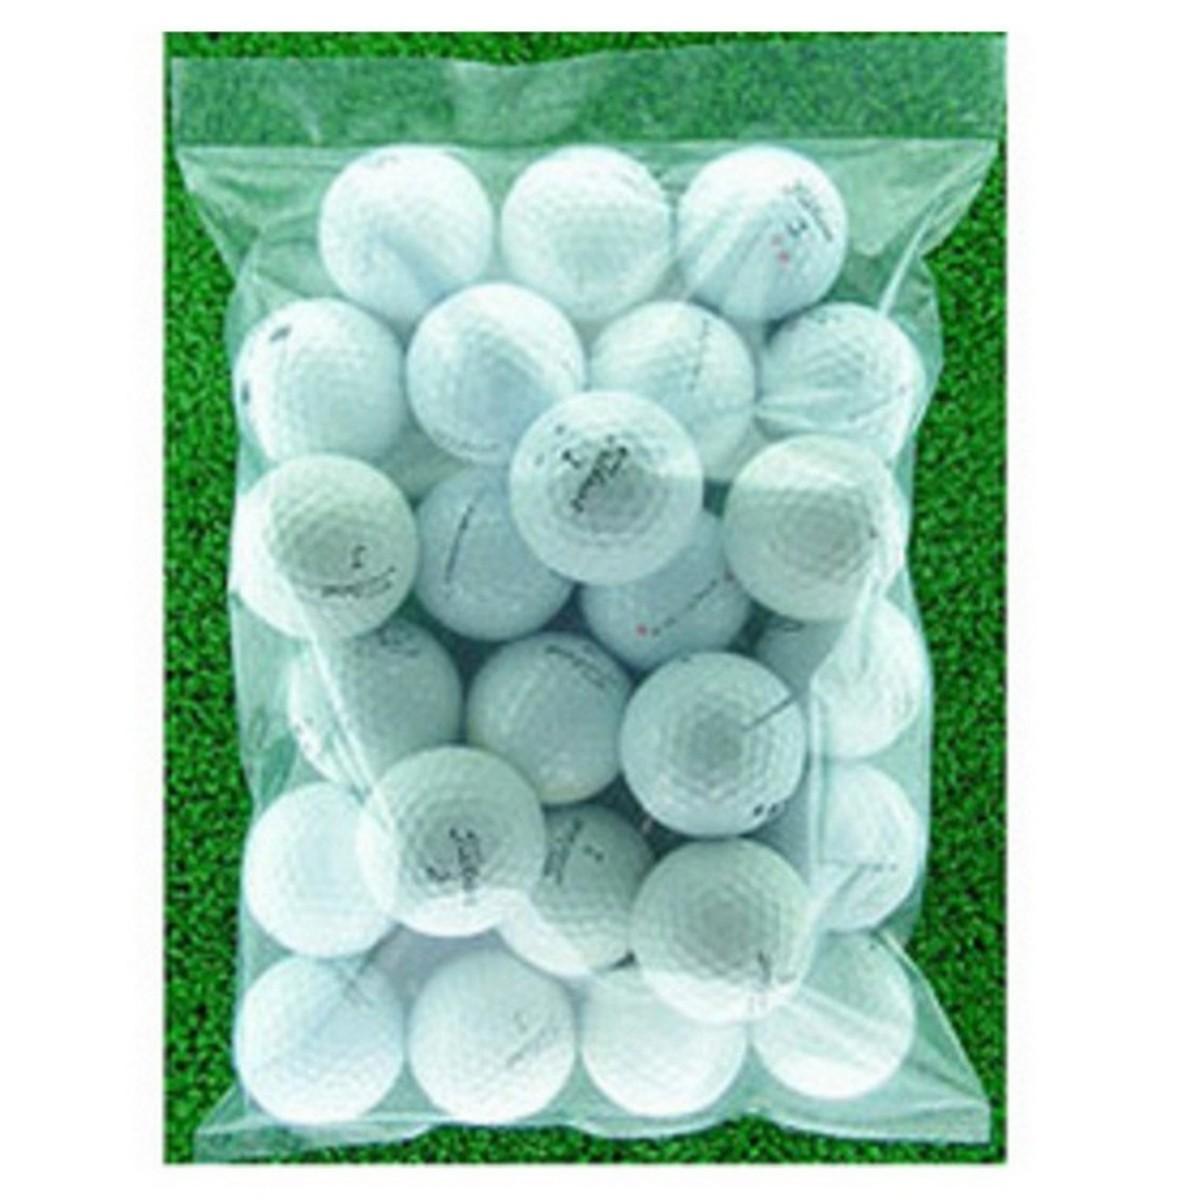 メイホウゴルフ ロストボール プロV1大袋25個セット3パック75個セット